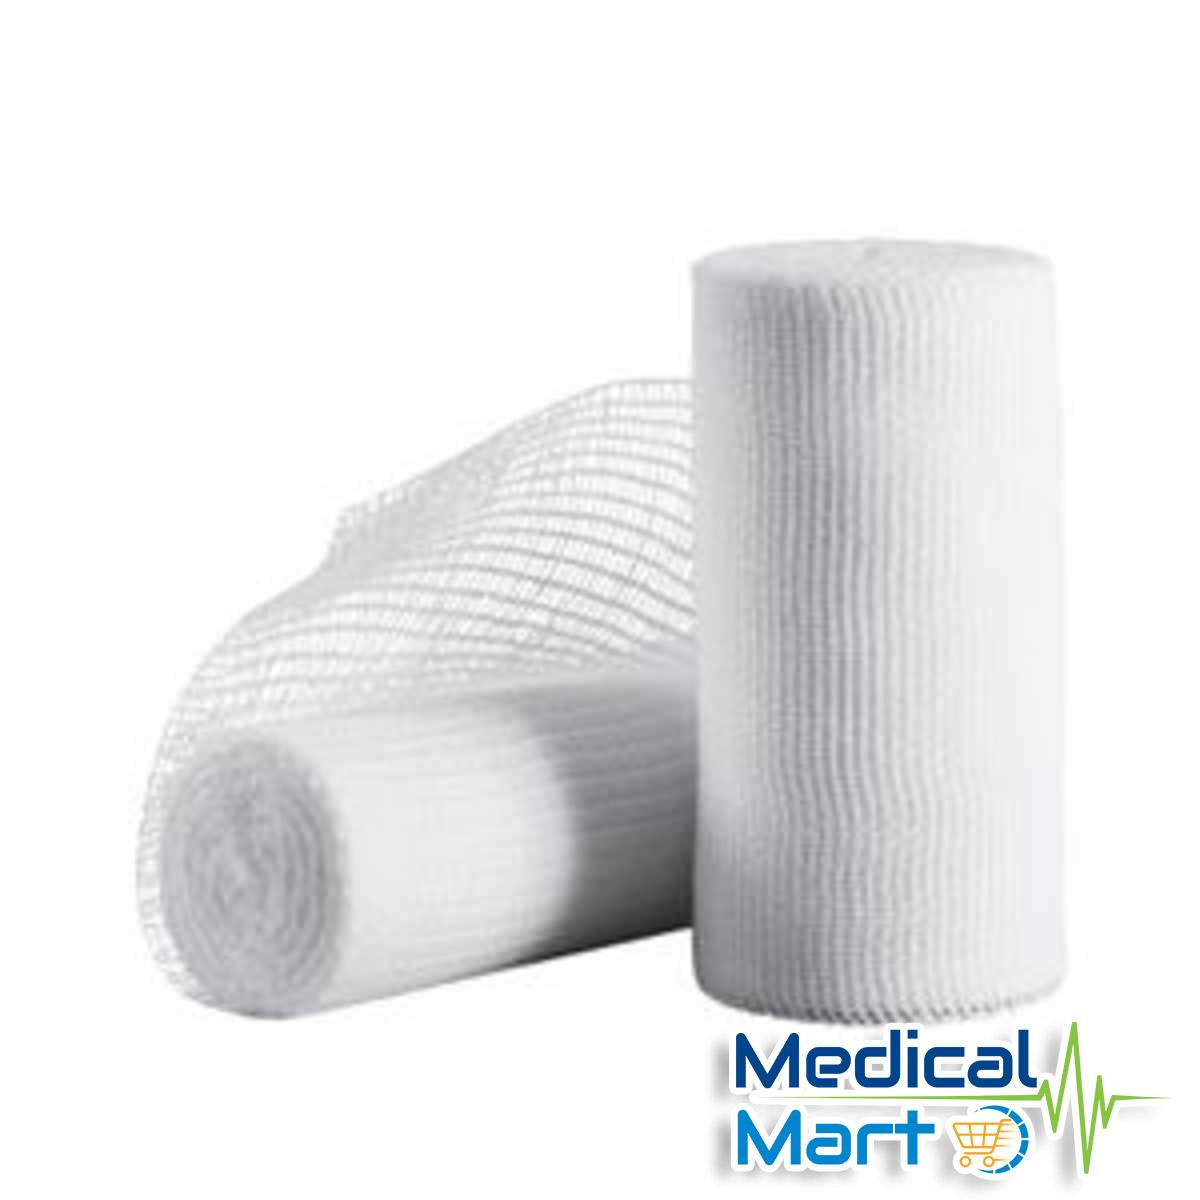 Gauze Bandage 6 Inch